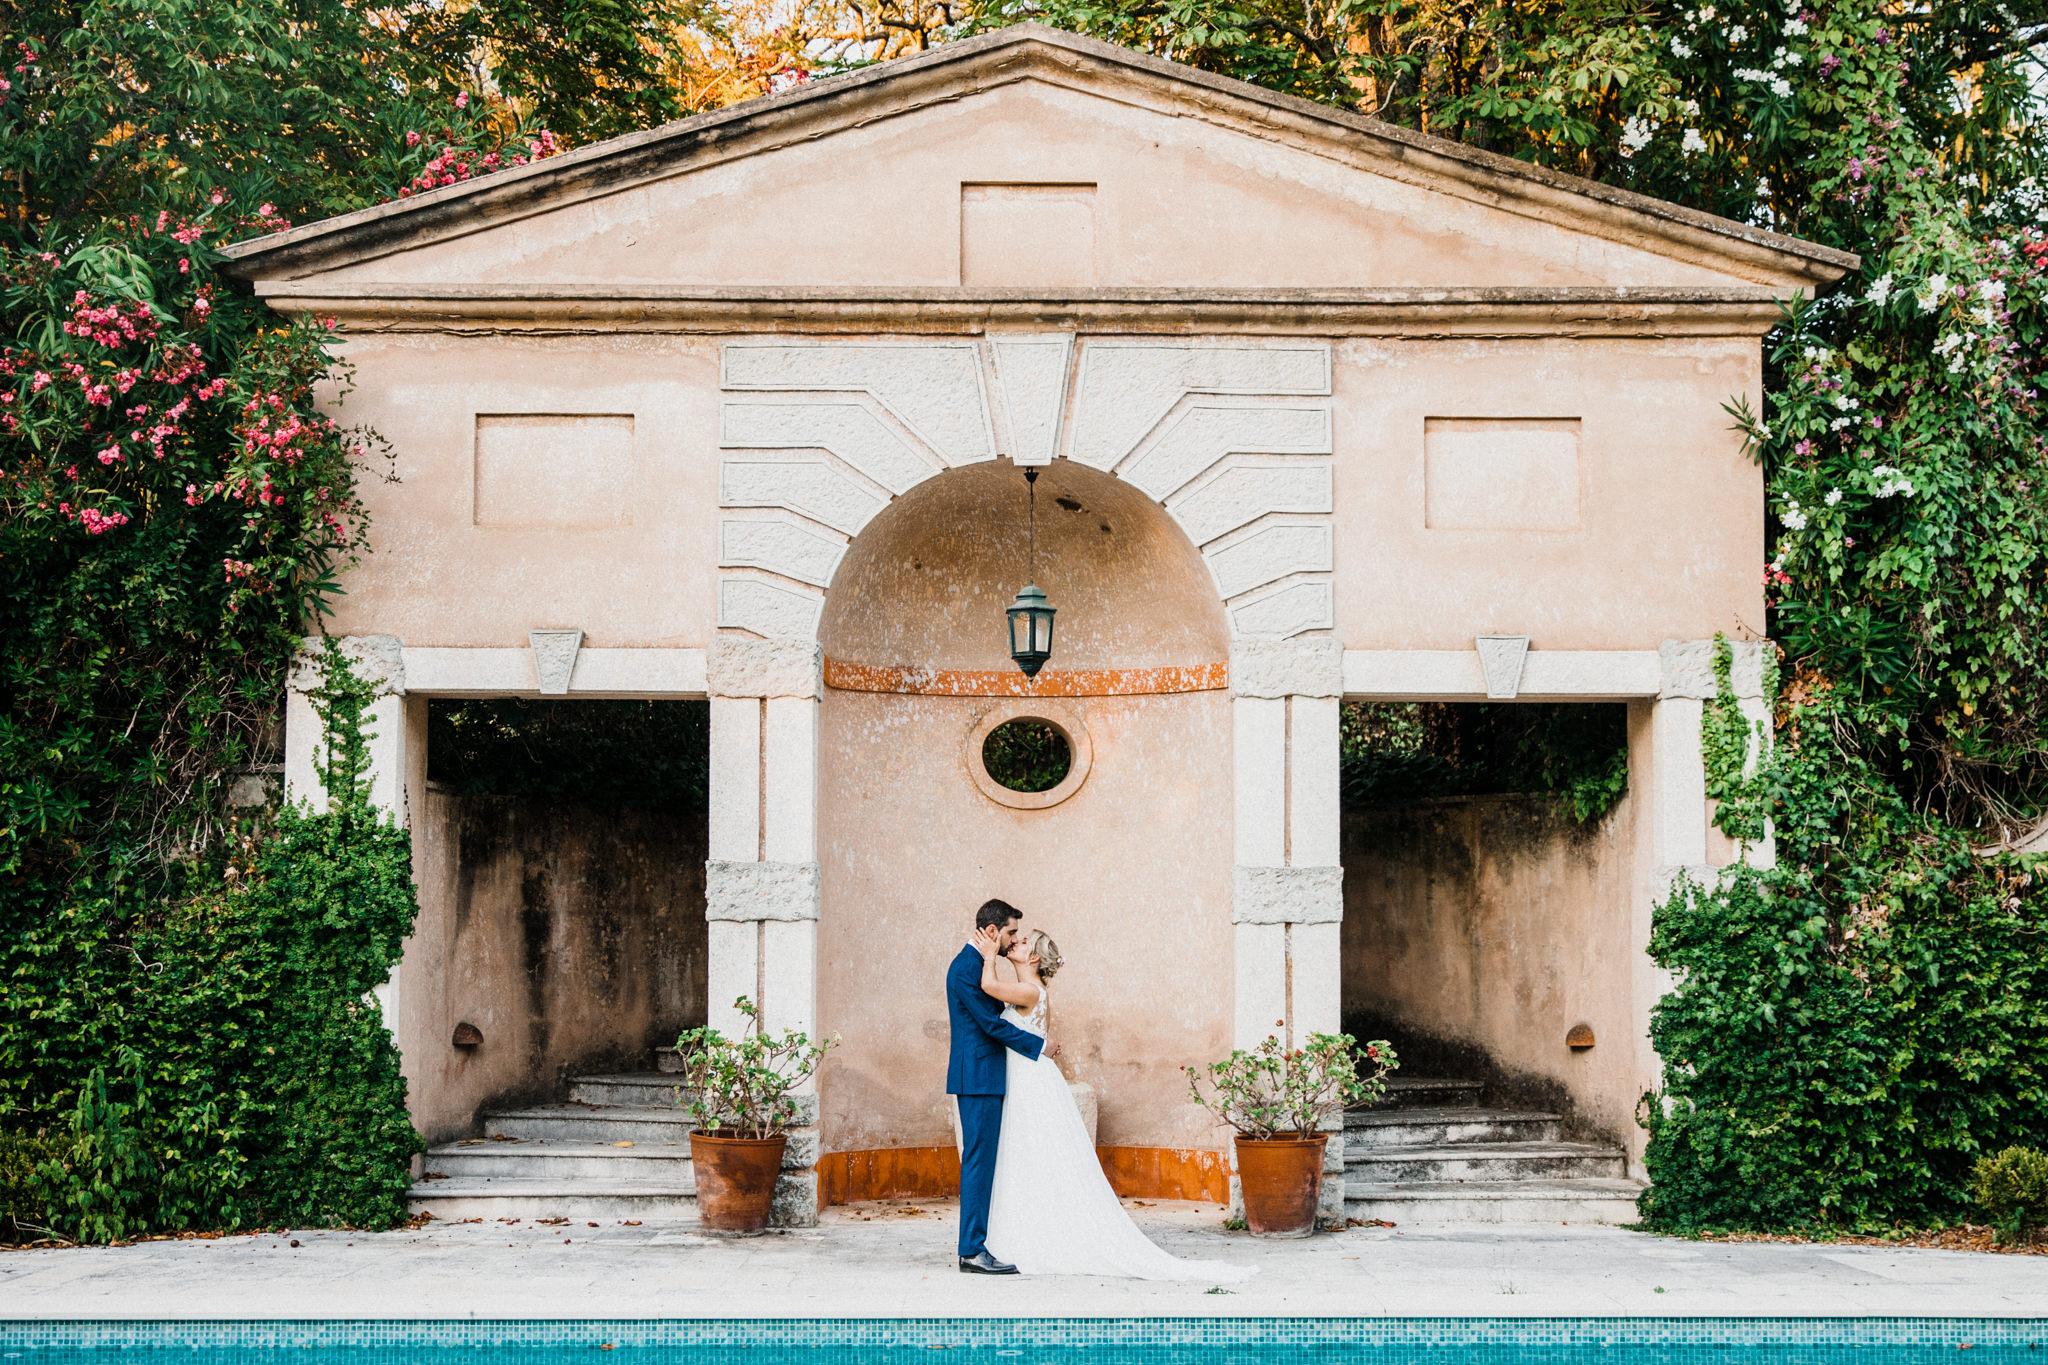 Casamento - Quinta das Torres, Azeitão